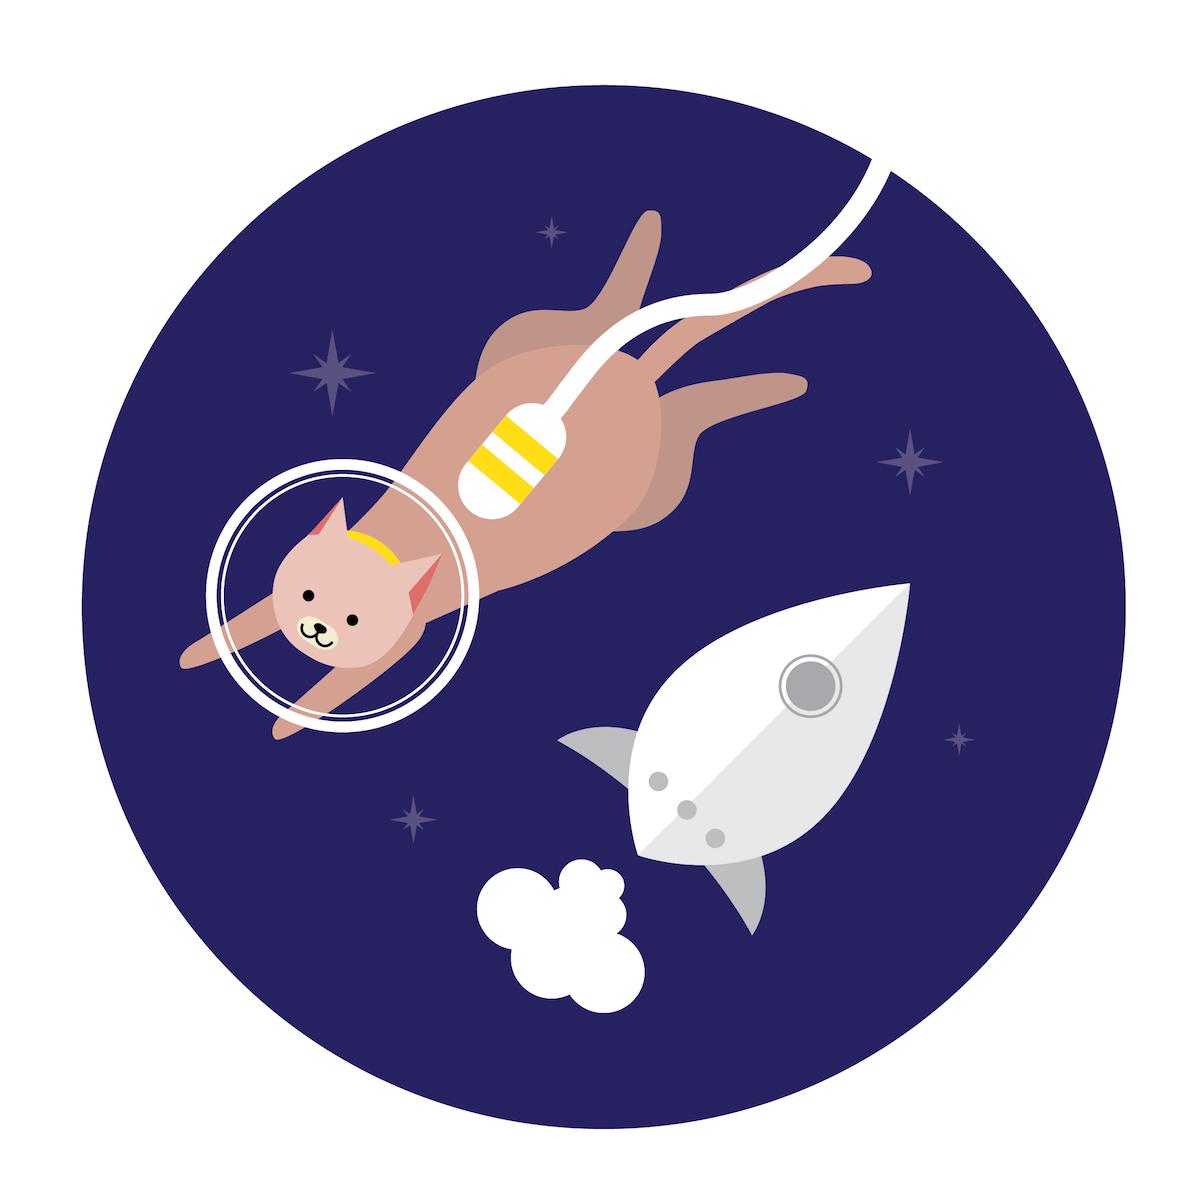 Take a trip to space #1